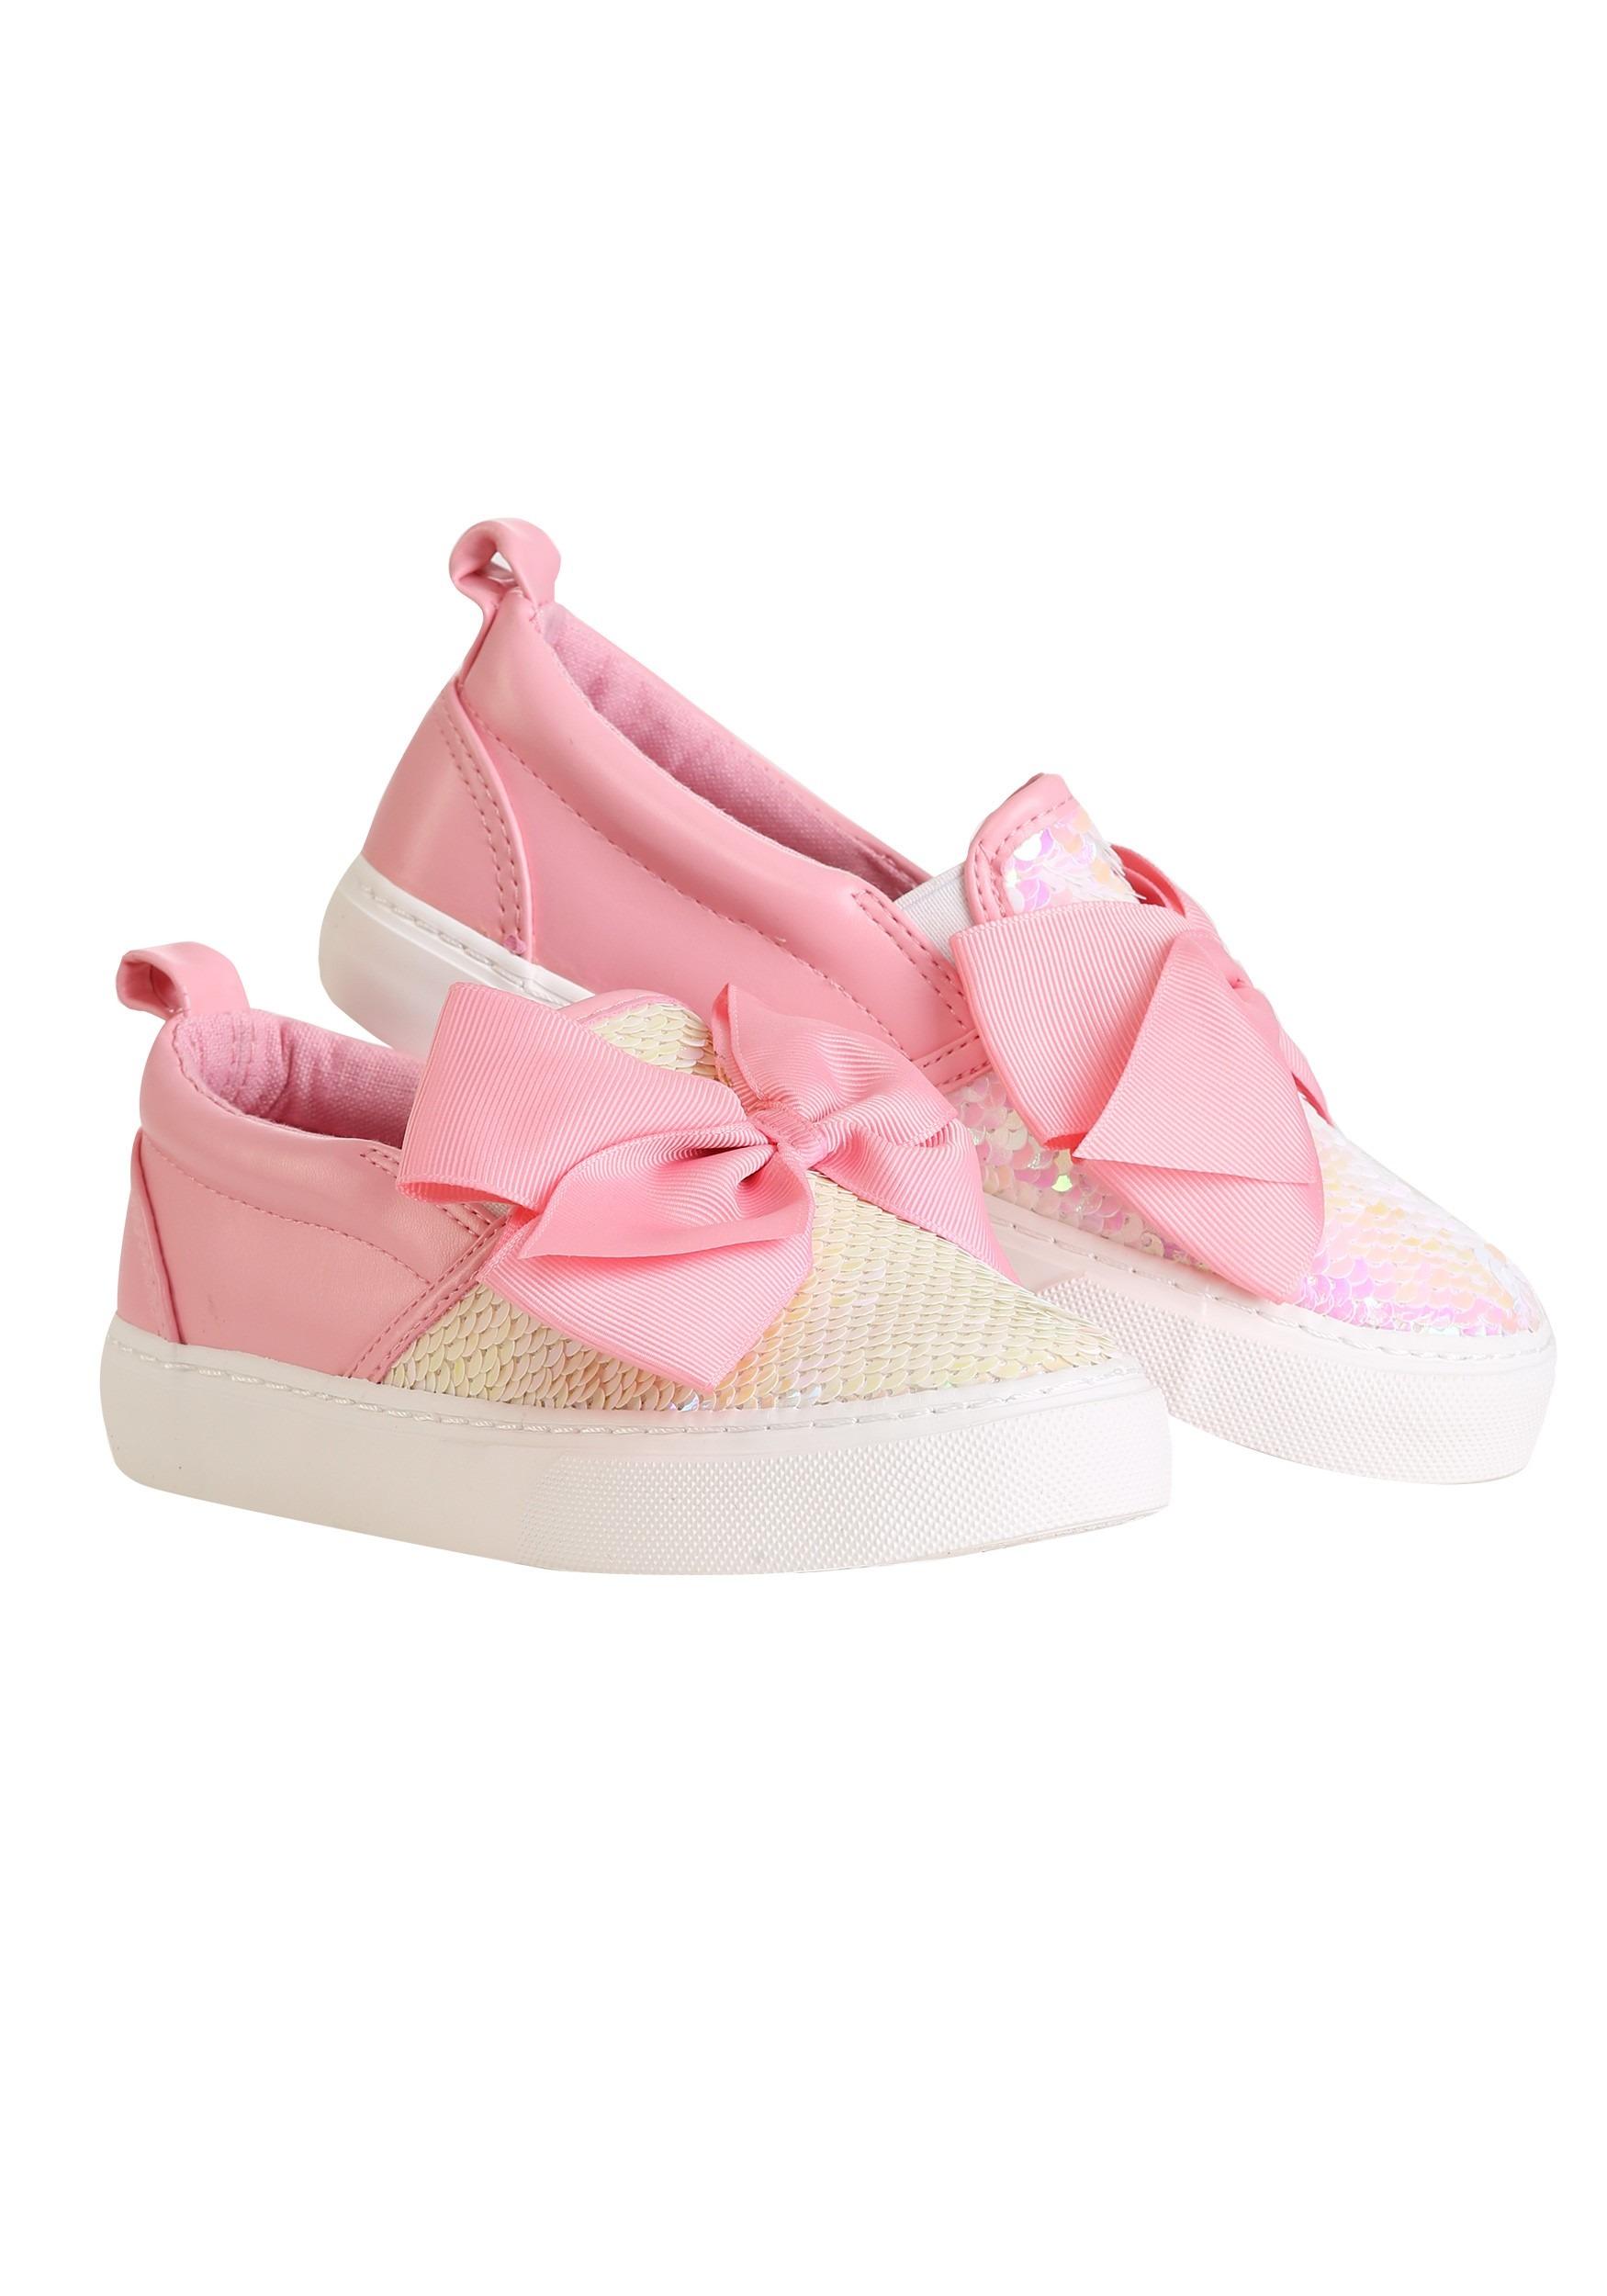 28fc975da92 Jojo Siwa Big Girl Pink Bow & Sequin Sneakers